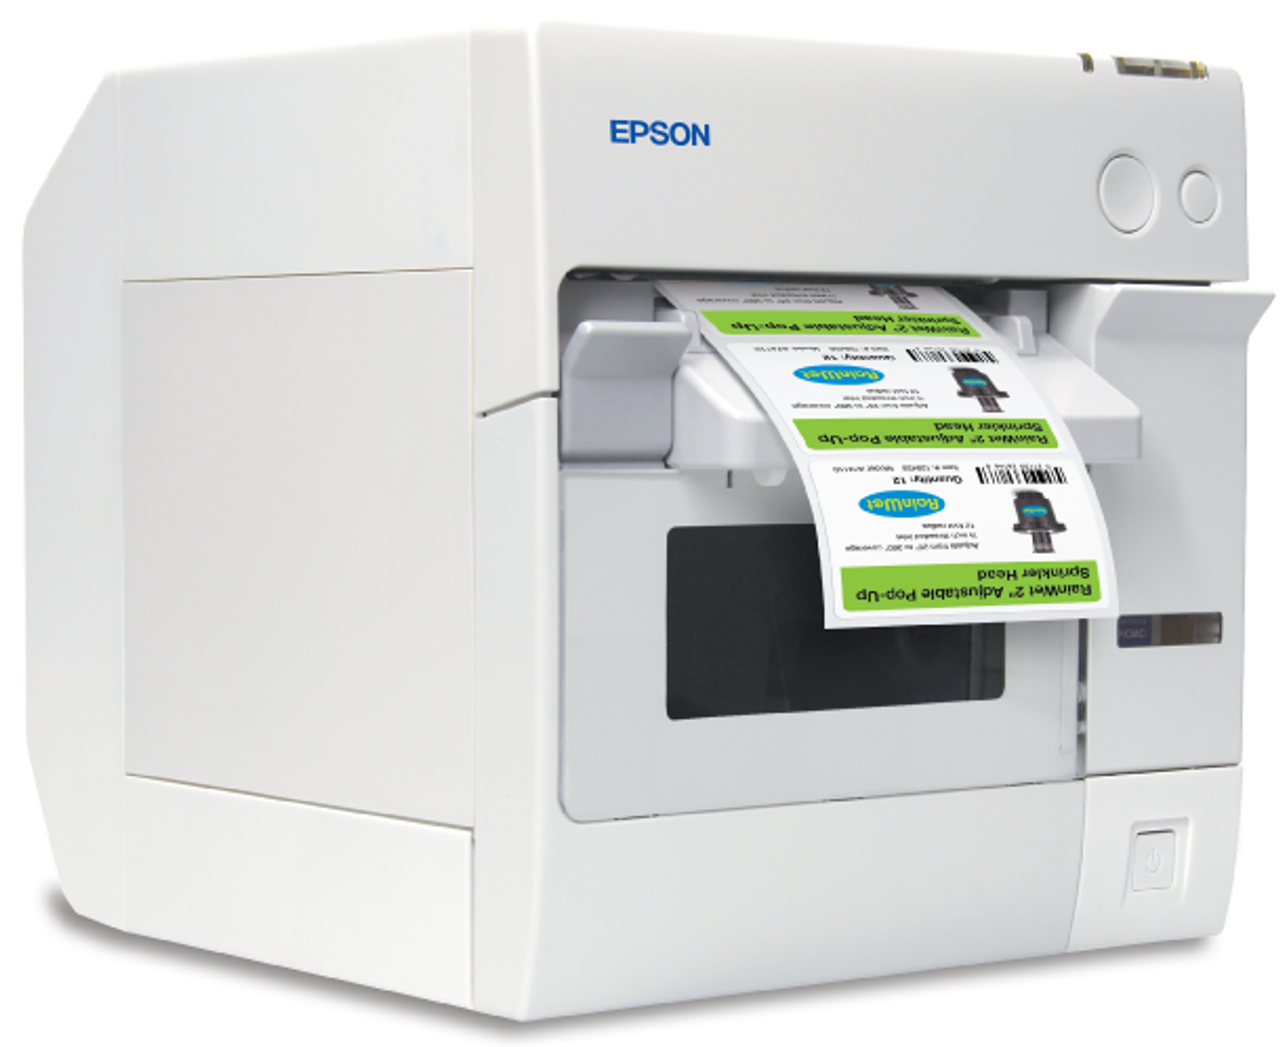 Epson ColorWorks TM-C3400 color label printerm USD